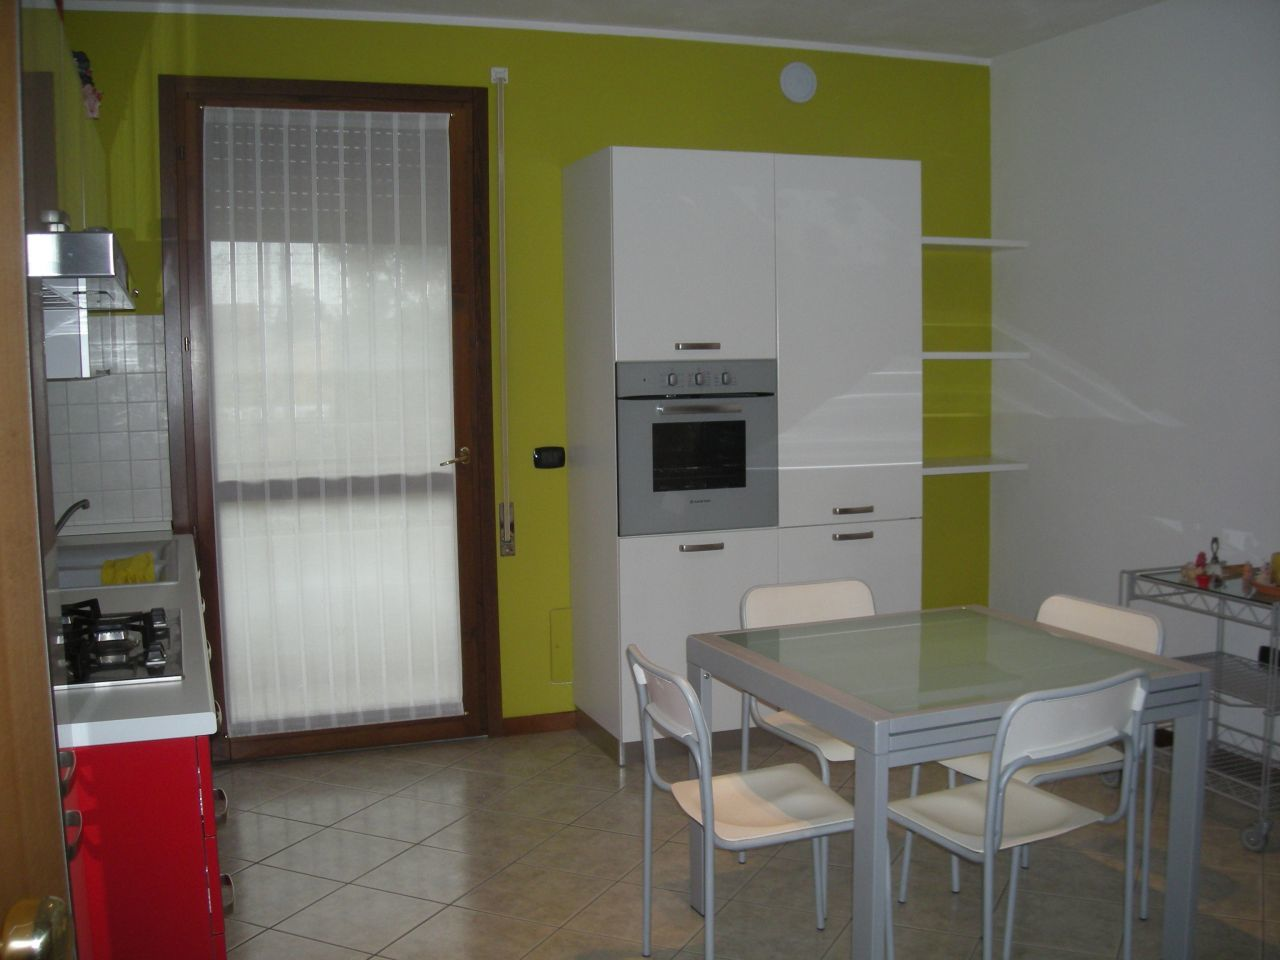 Appartamento in vendita a San Martino di Lupari, 2 locali, prezzo € 75.000 | CambioCasa.it